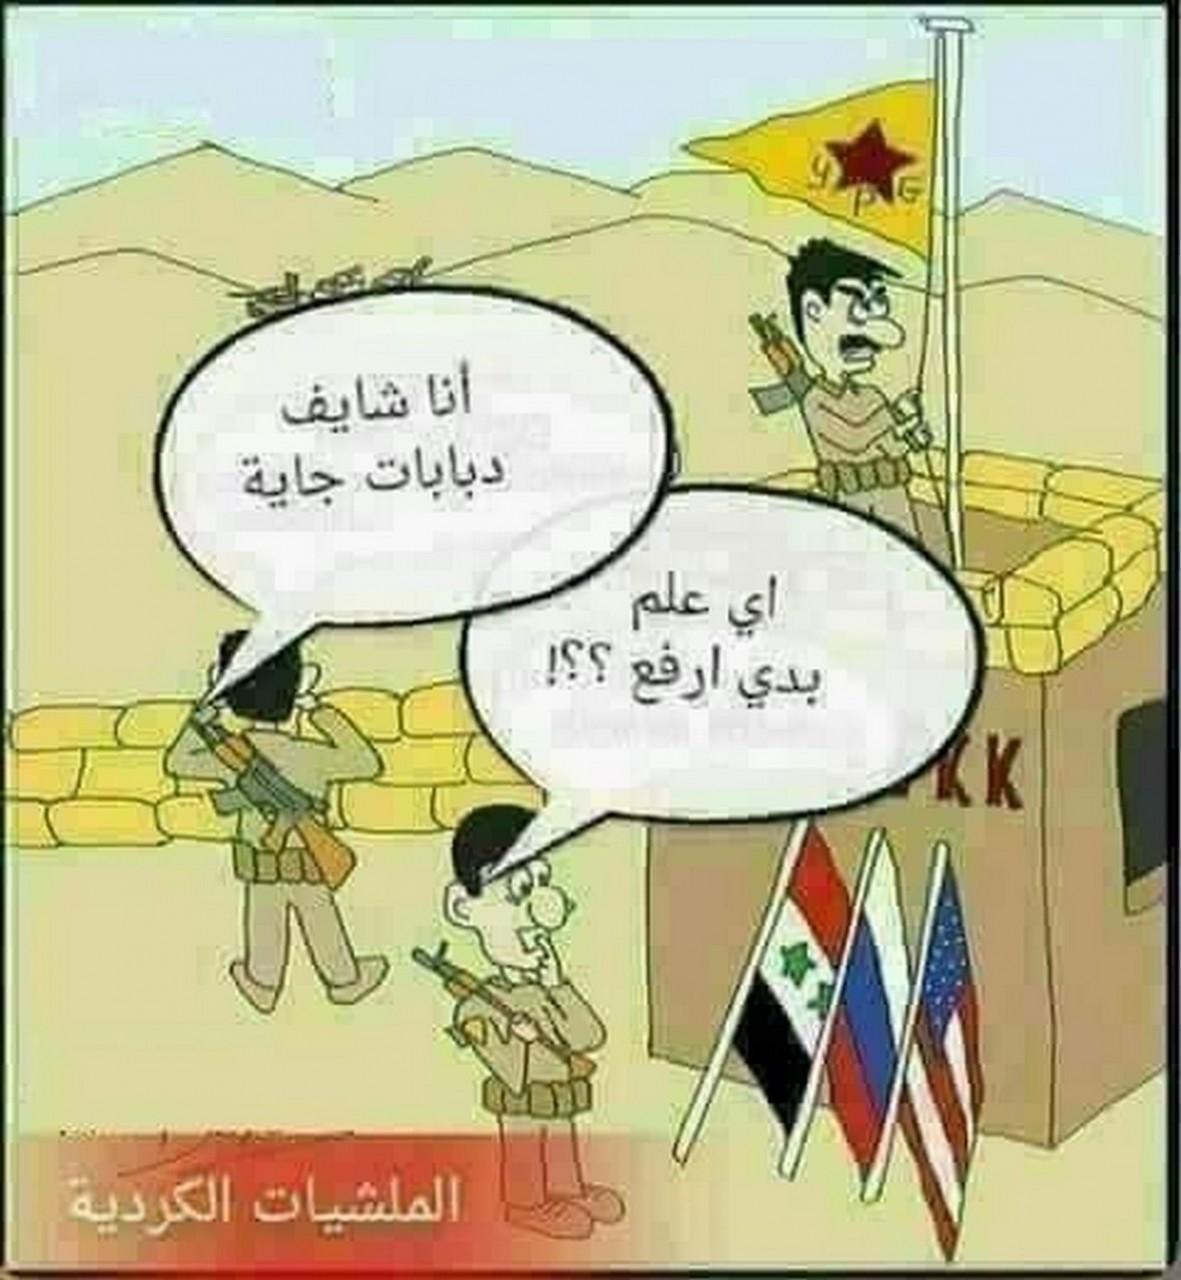 В Сирии не будет никакой другой армии, кроме сирийской. Colonel Cassad